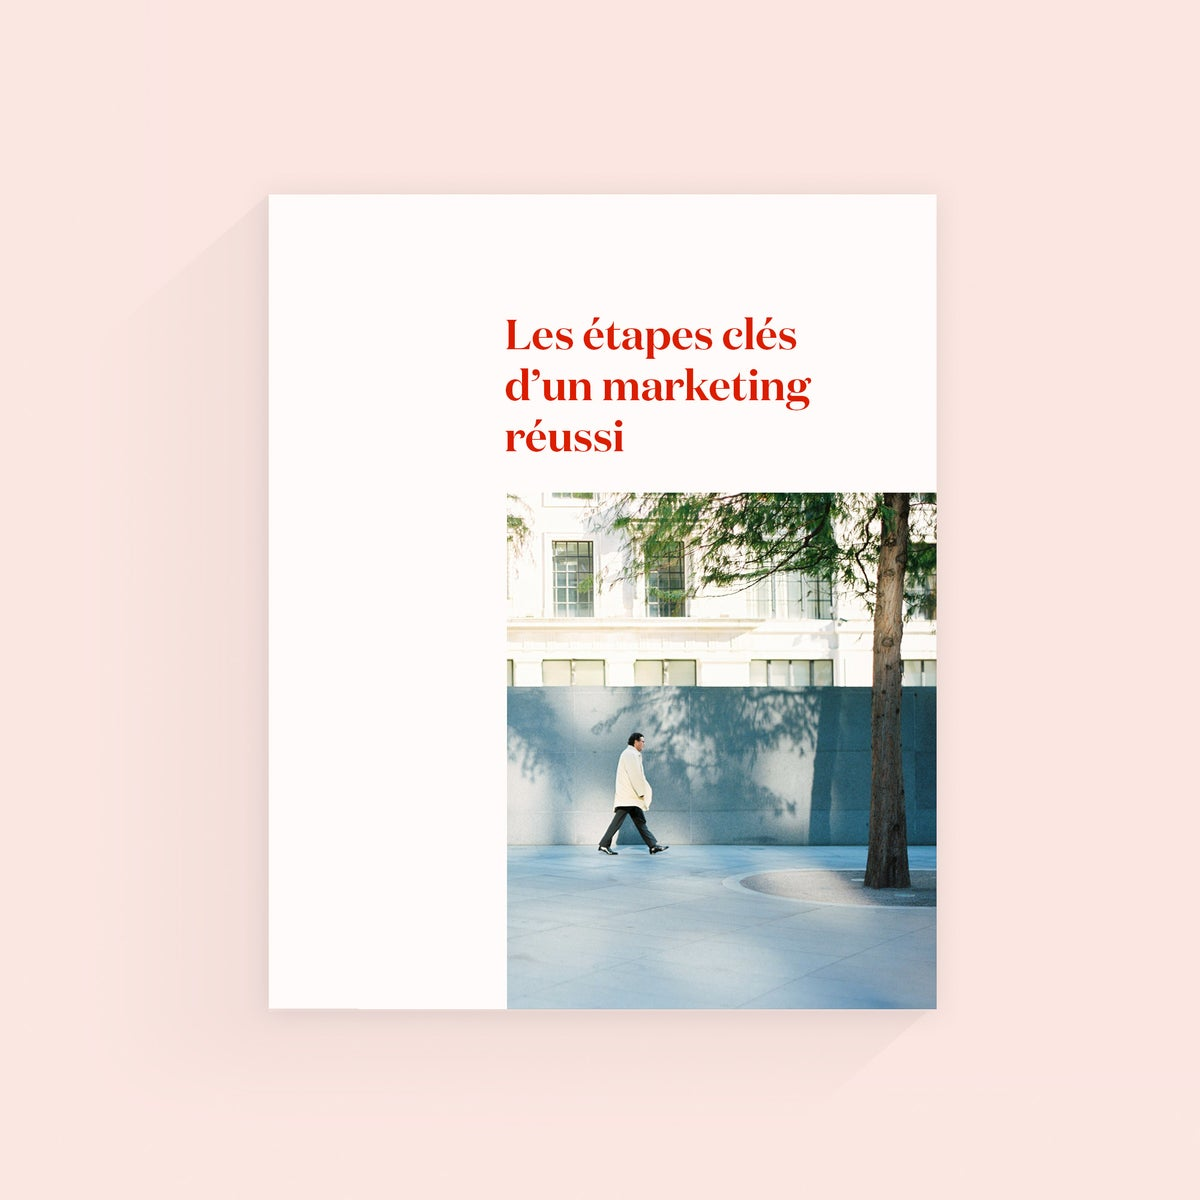 Image of Les étapes clés d'un marketing réussi